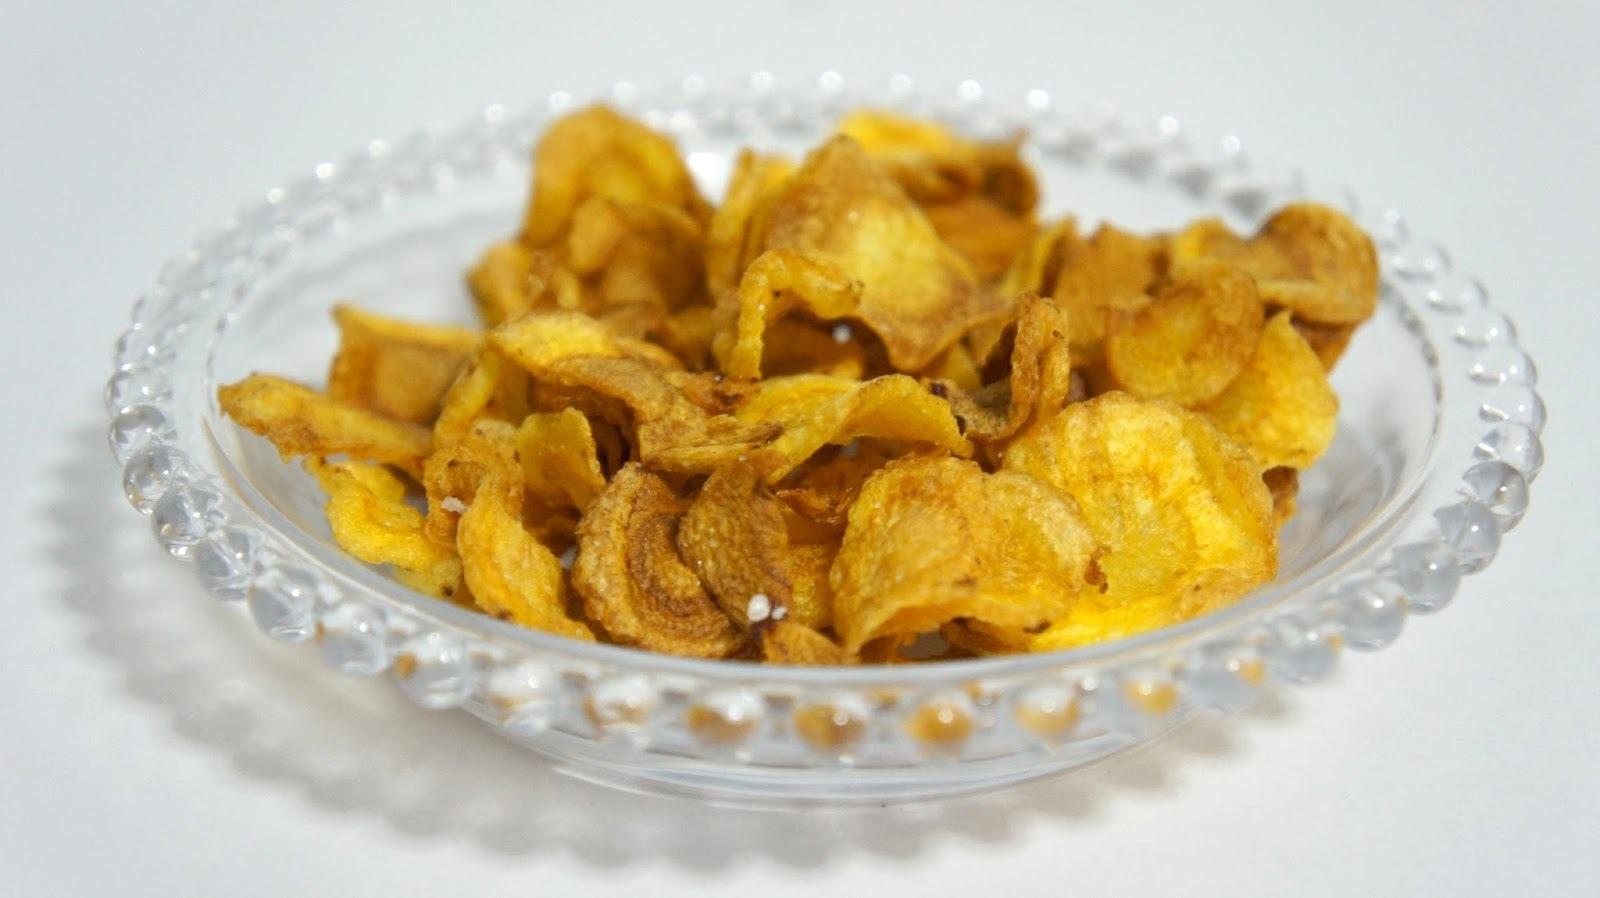 mandioquinha chips no forno